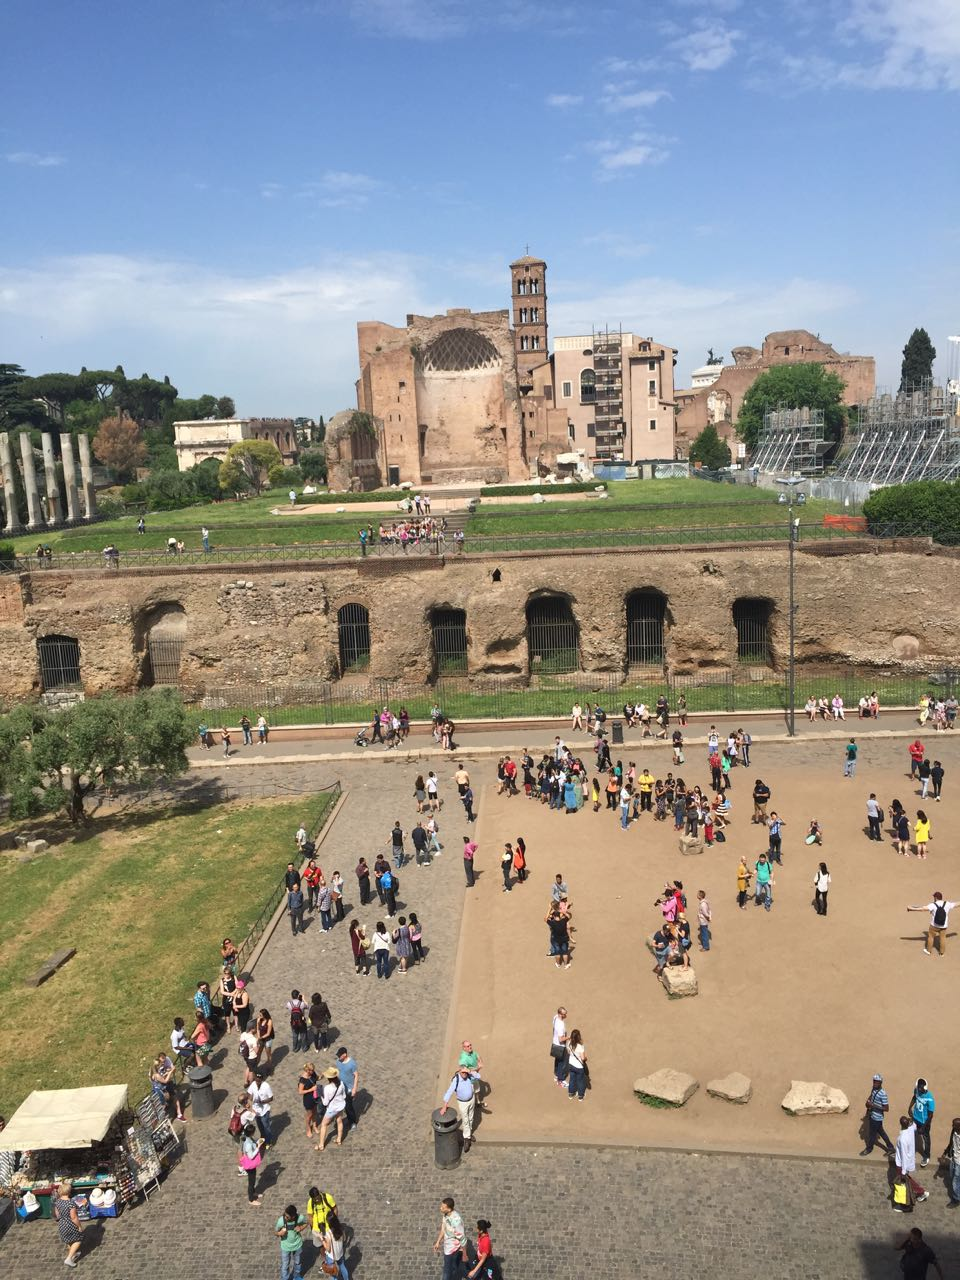 1FT Rome Italy - Campitelli - Lazio, May 20, 2015 - 4 of 75